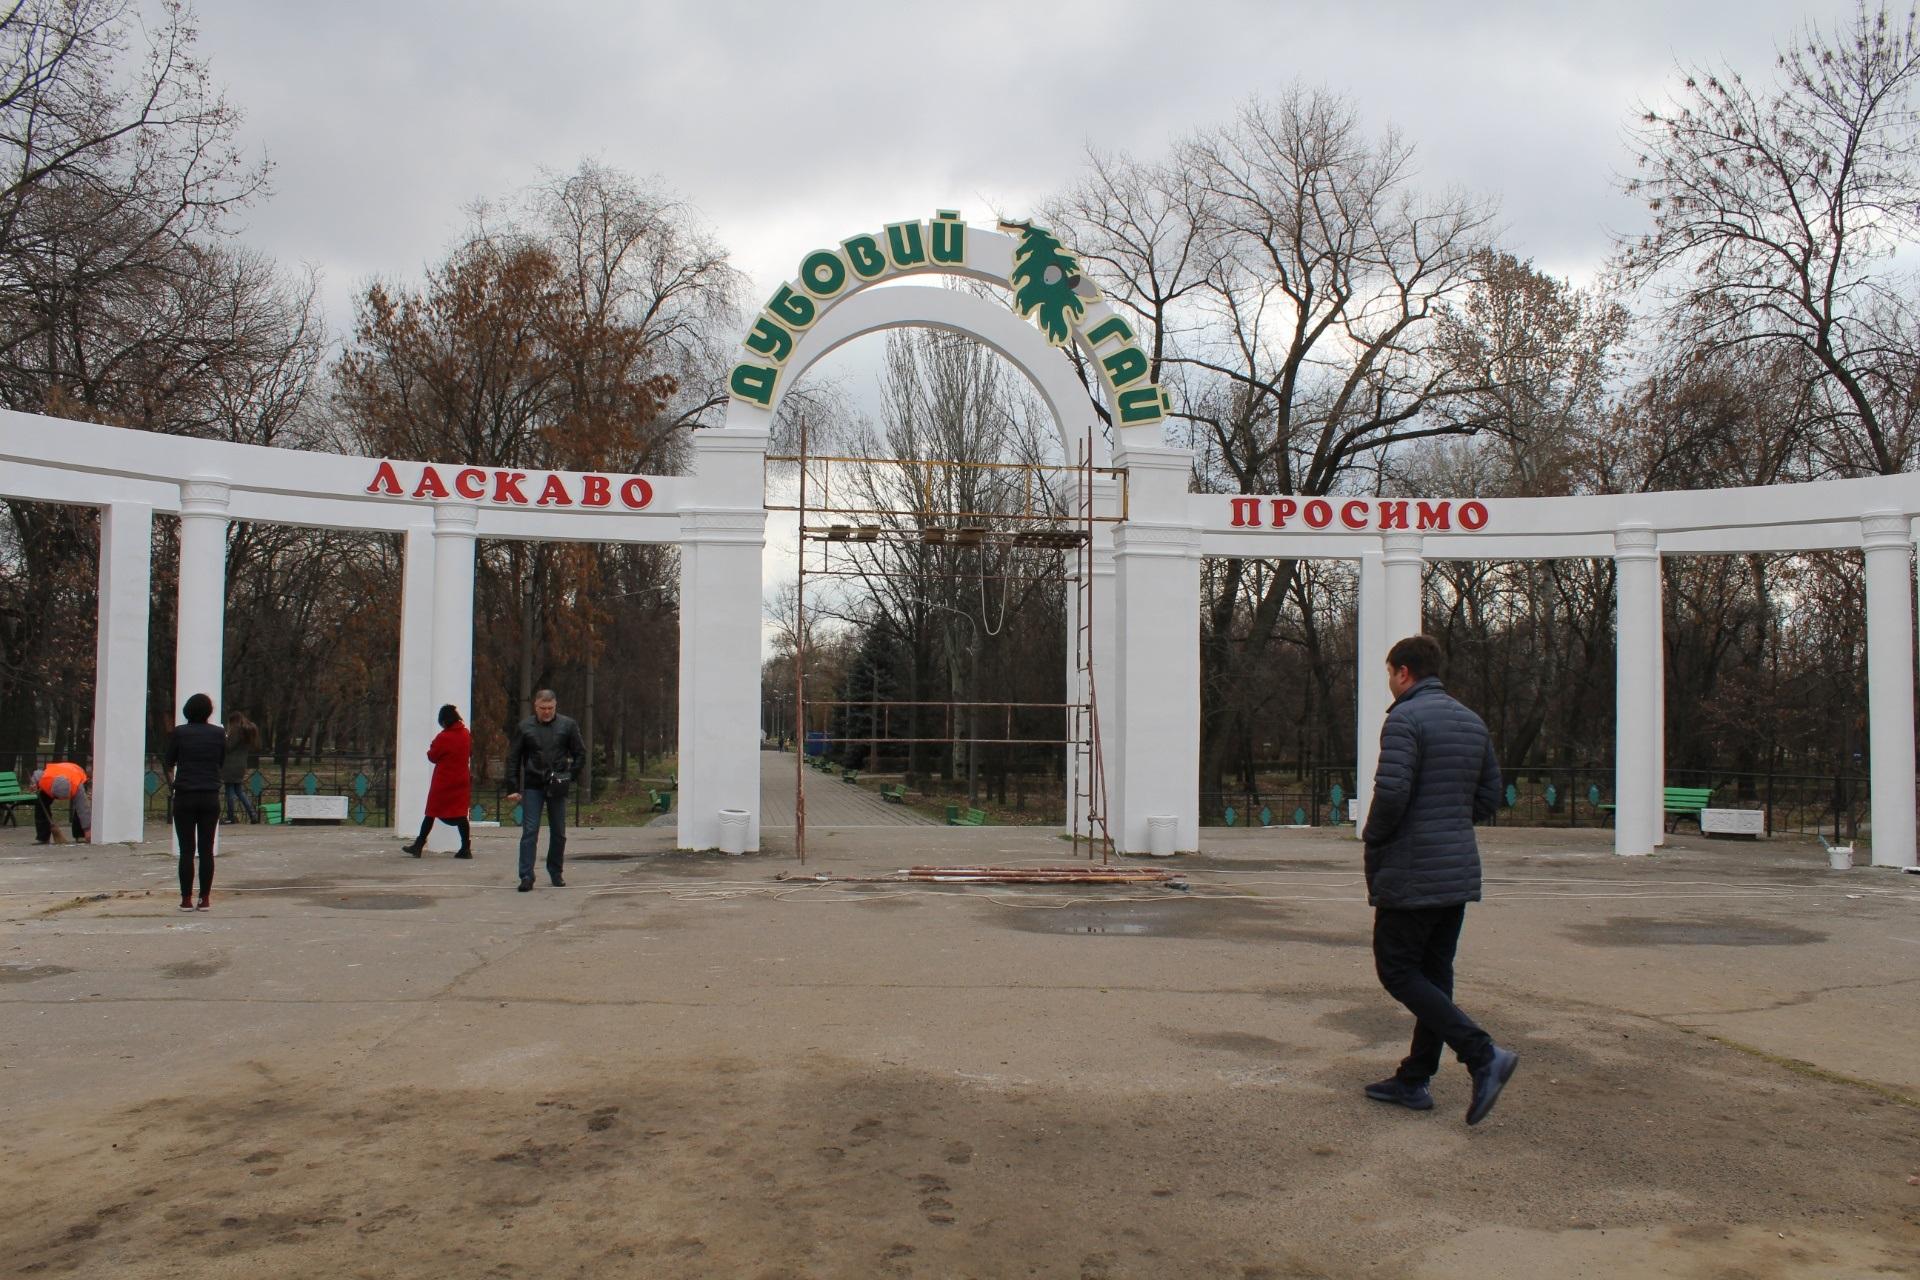 Запорожский центральный парк готовят к масштабному обновлению - ФОТО